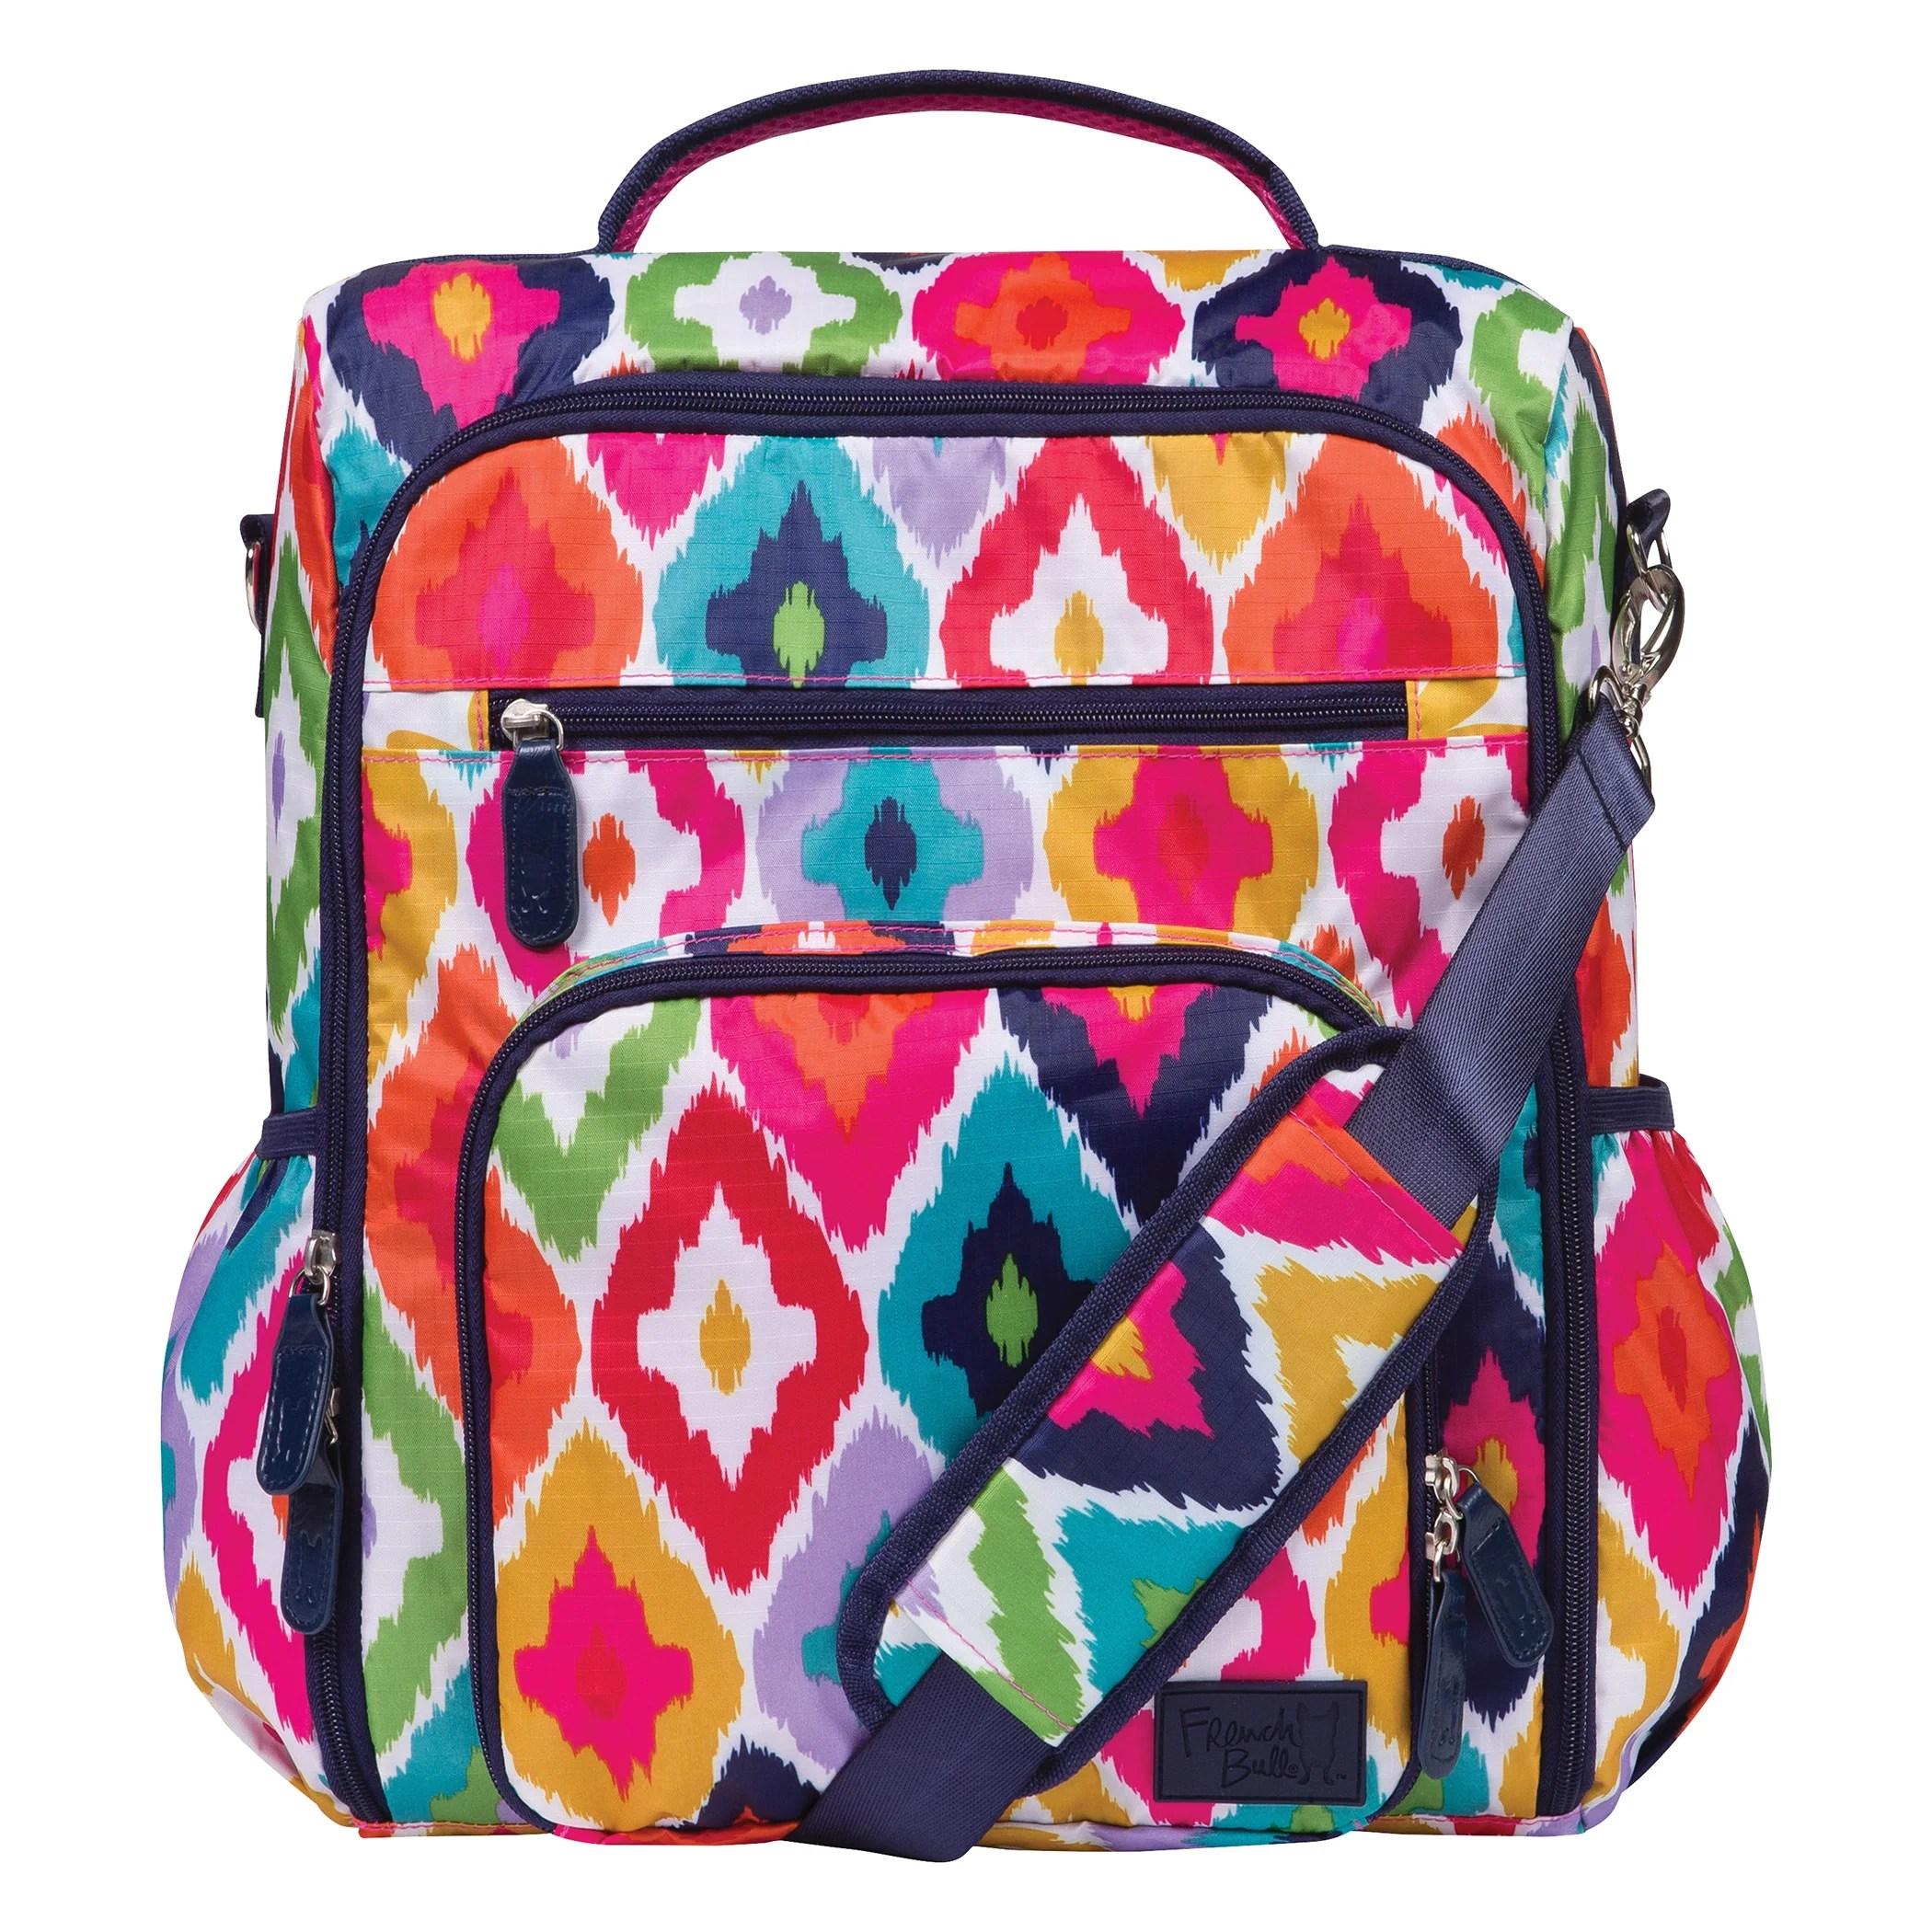 Gray Kat Convertible Backpack Diaper Bag Kat Convertible Backpack Diaper Bag French Bull Backpack Diaper Bag Etsy Backpack Diaper Bag Pattern baby Backpack Diaper Bag